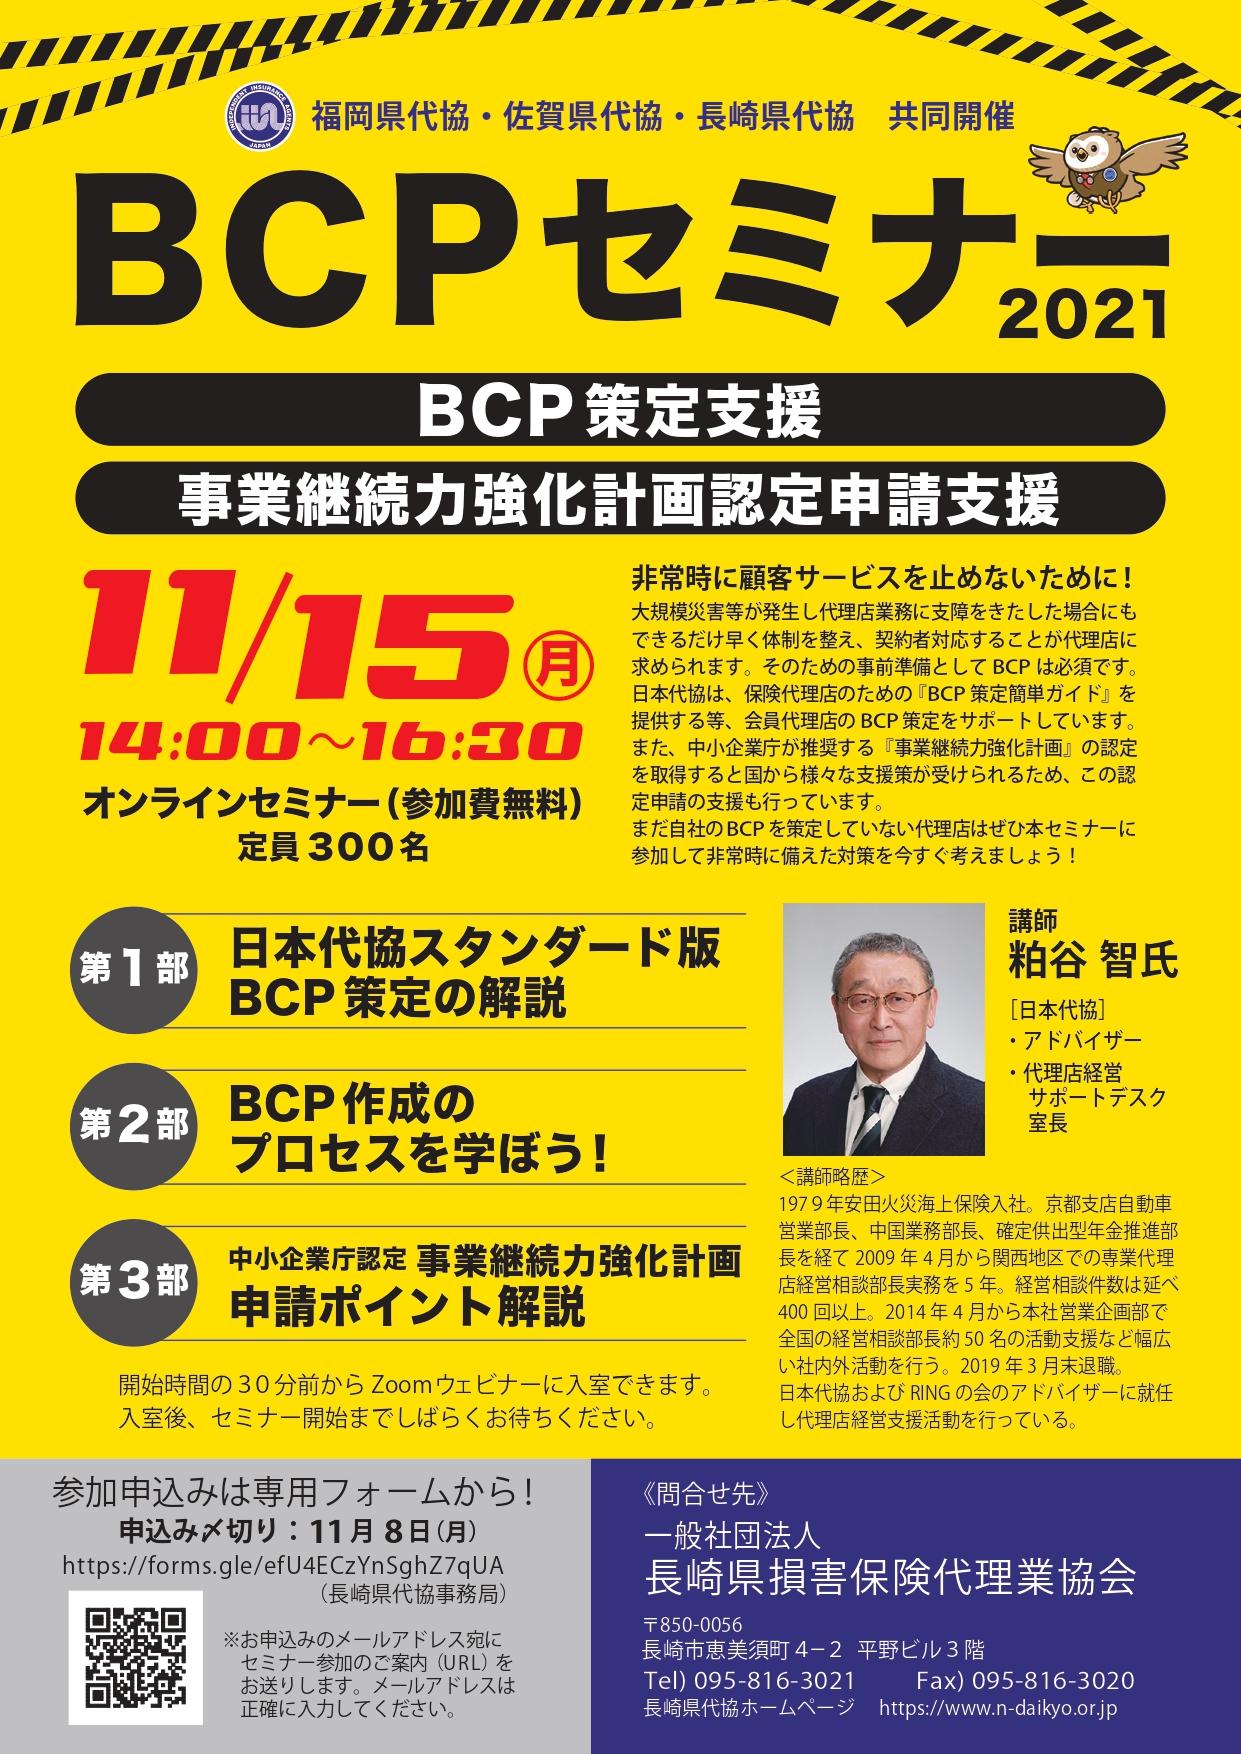 BCPセミナー2021開催のお知らせ